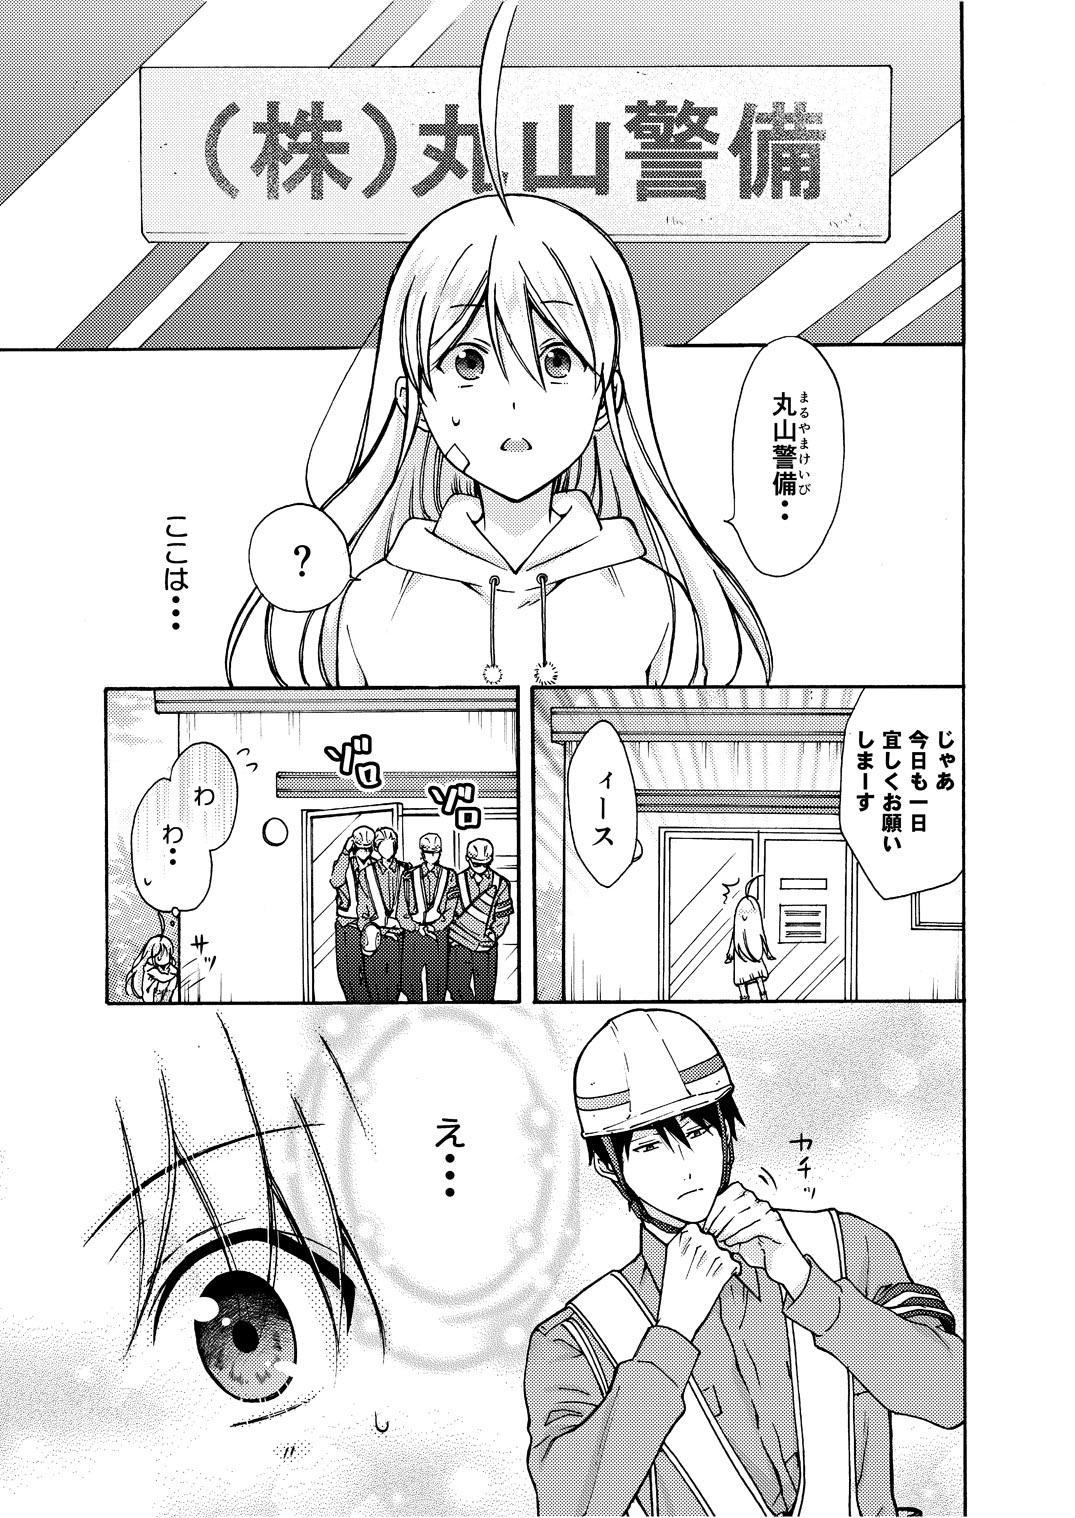 Nyotaika Yankee Gakuen ☆ Ore no Hajimete, Nerawaretemasu. 9 7